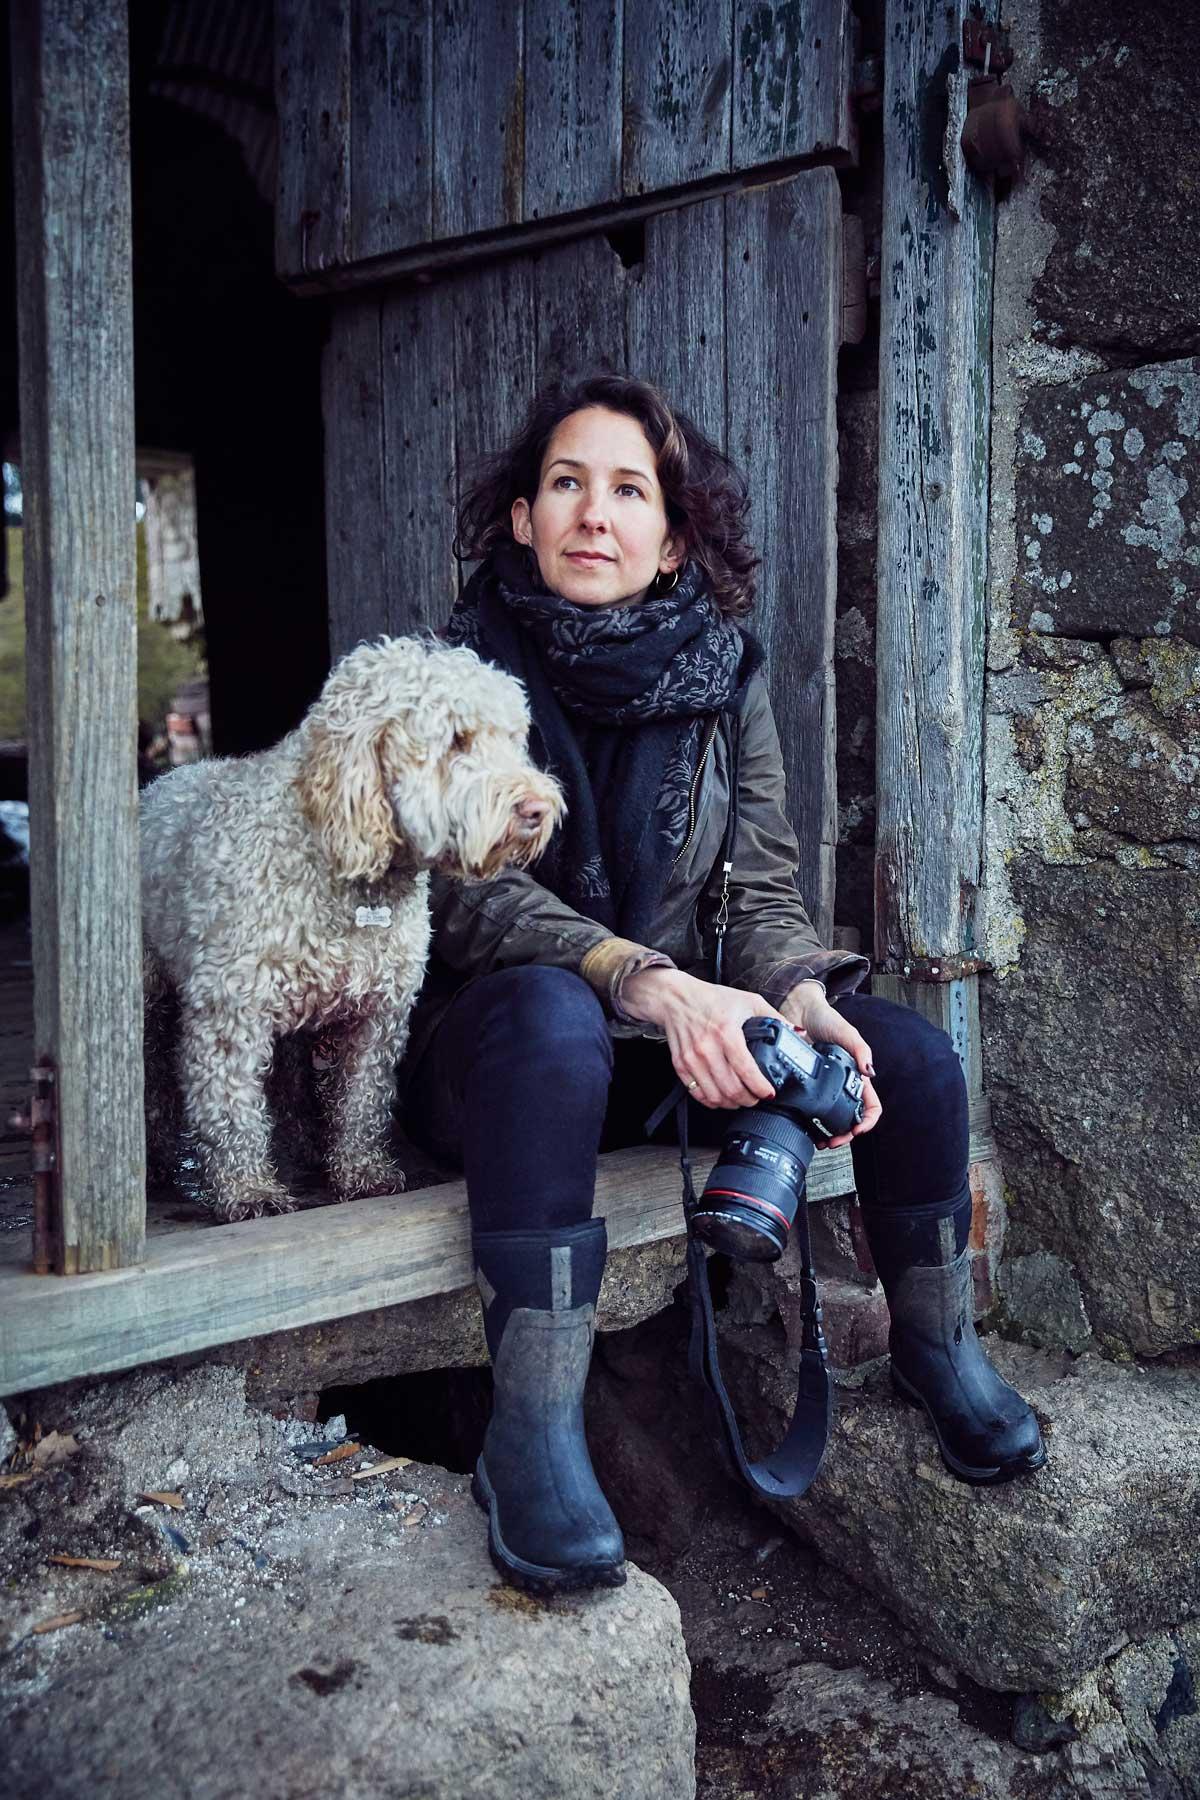 long-Suzy-Bennett-by-Nato-Welton-Country-Living-Magazine-UK.jpg